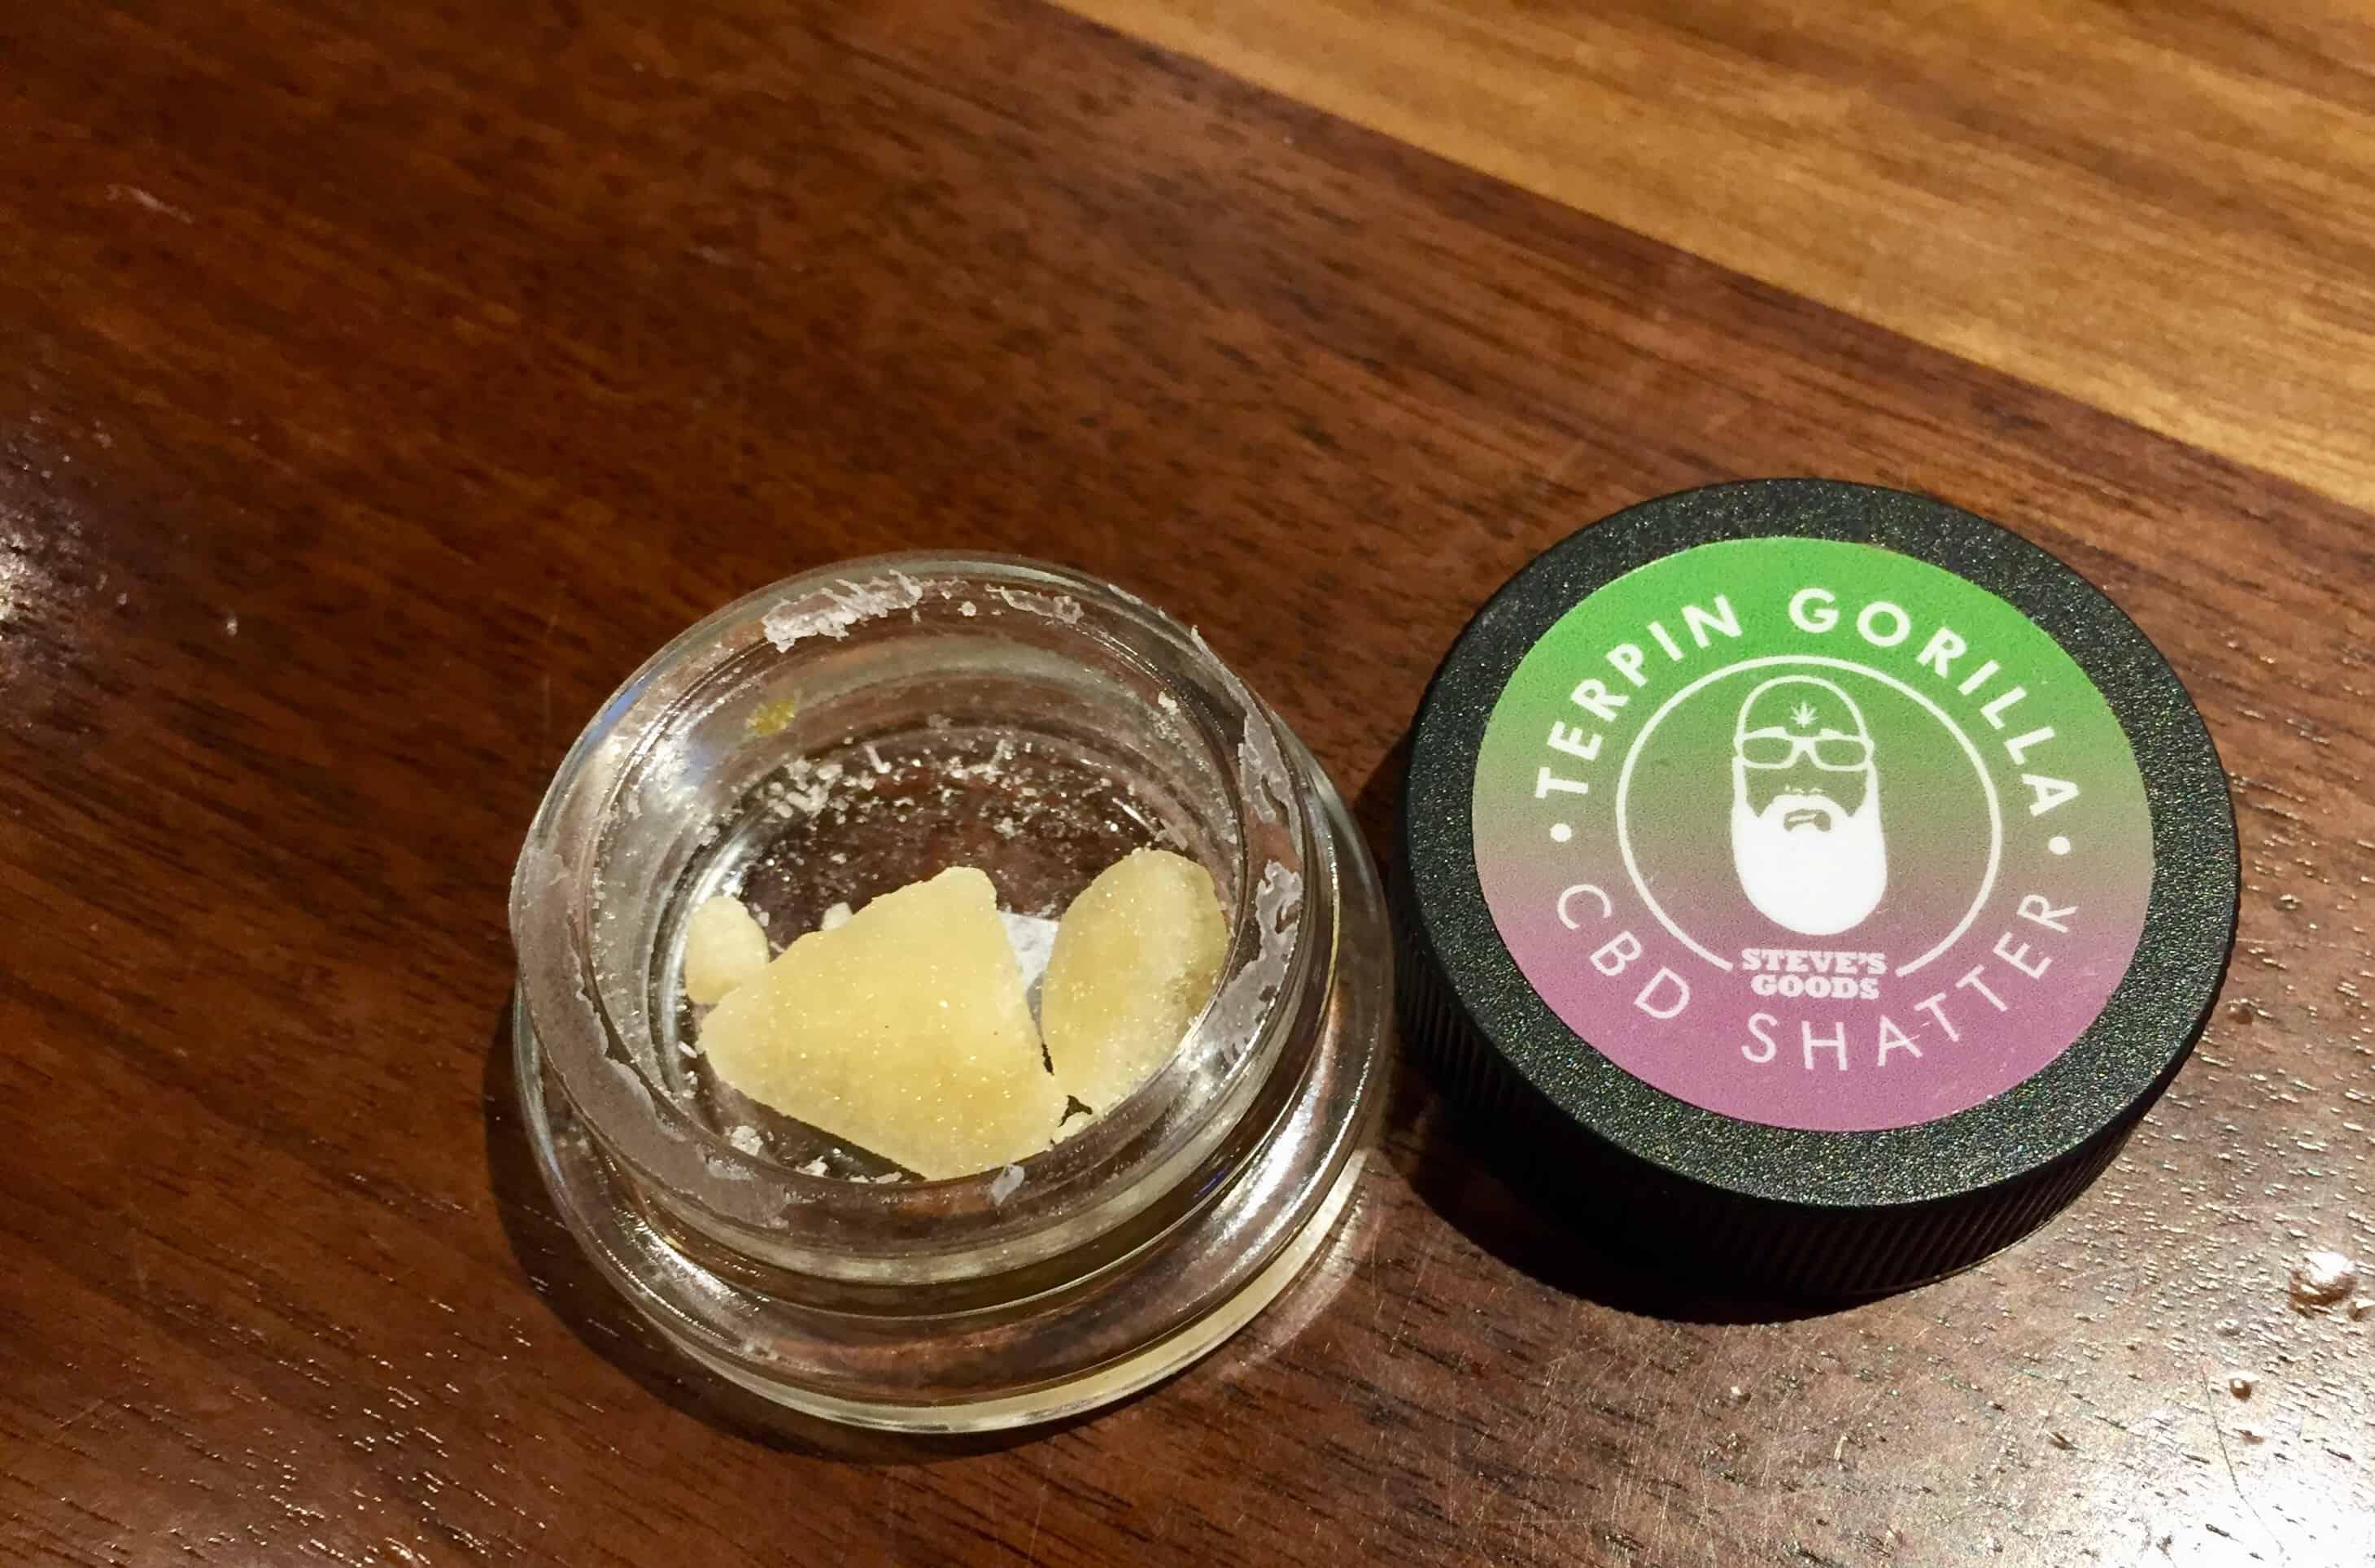 steves goods terpin gorilla cbd shatter 1 g Save On Cannabis Beauty shot